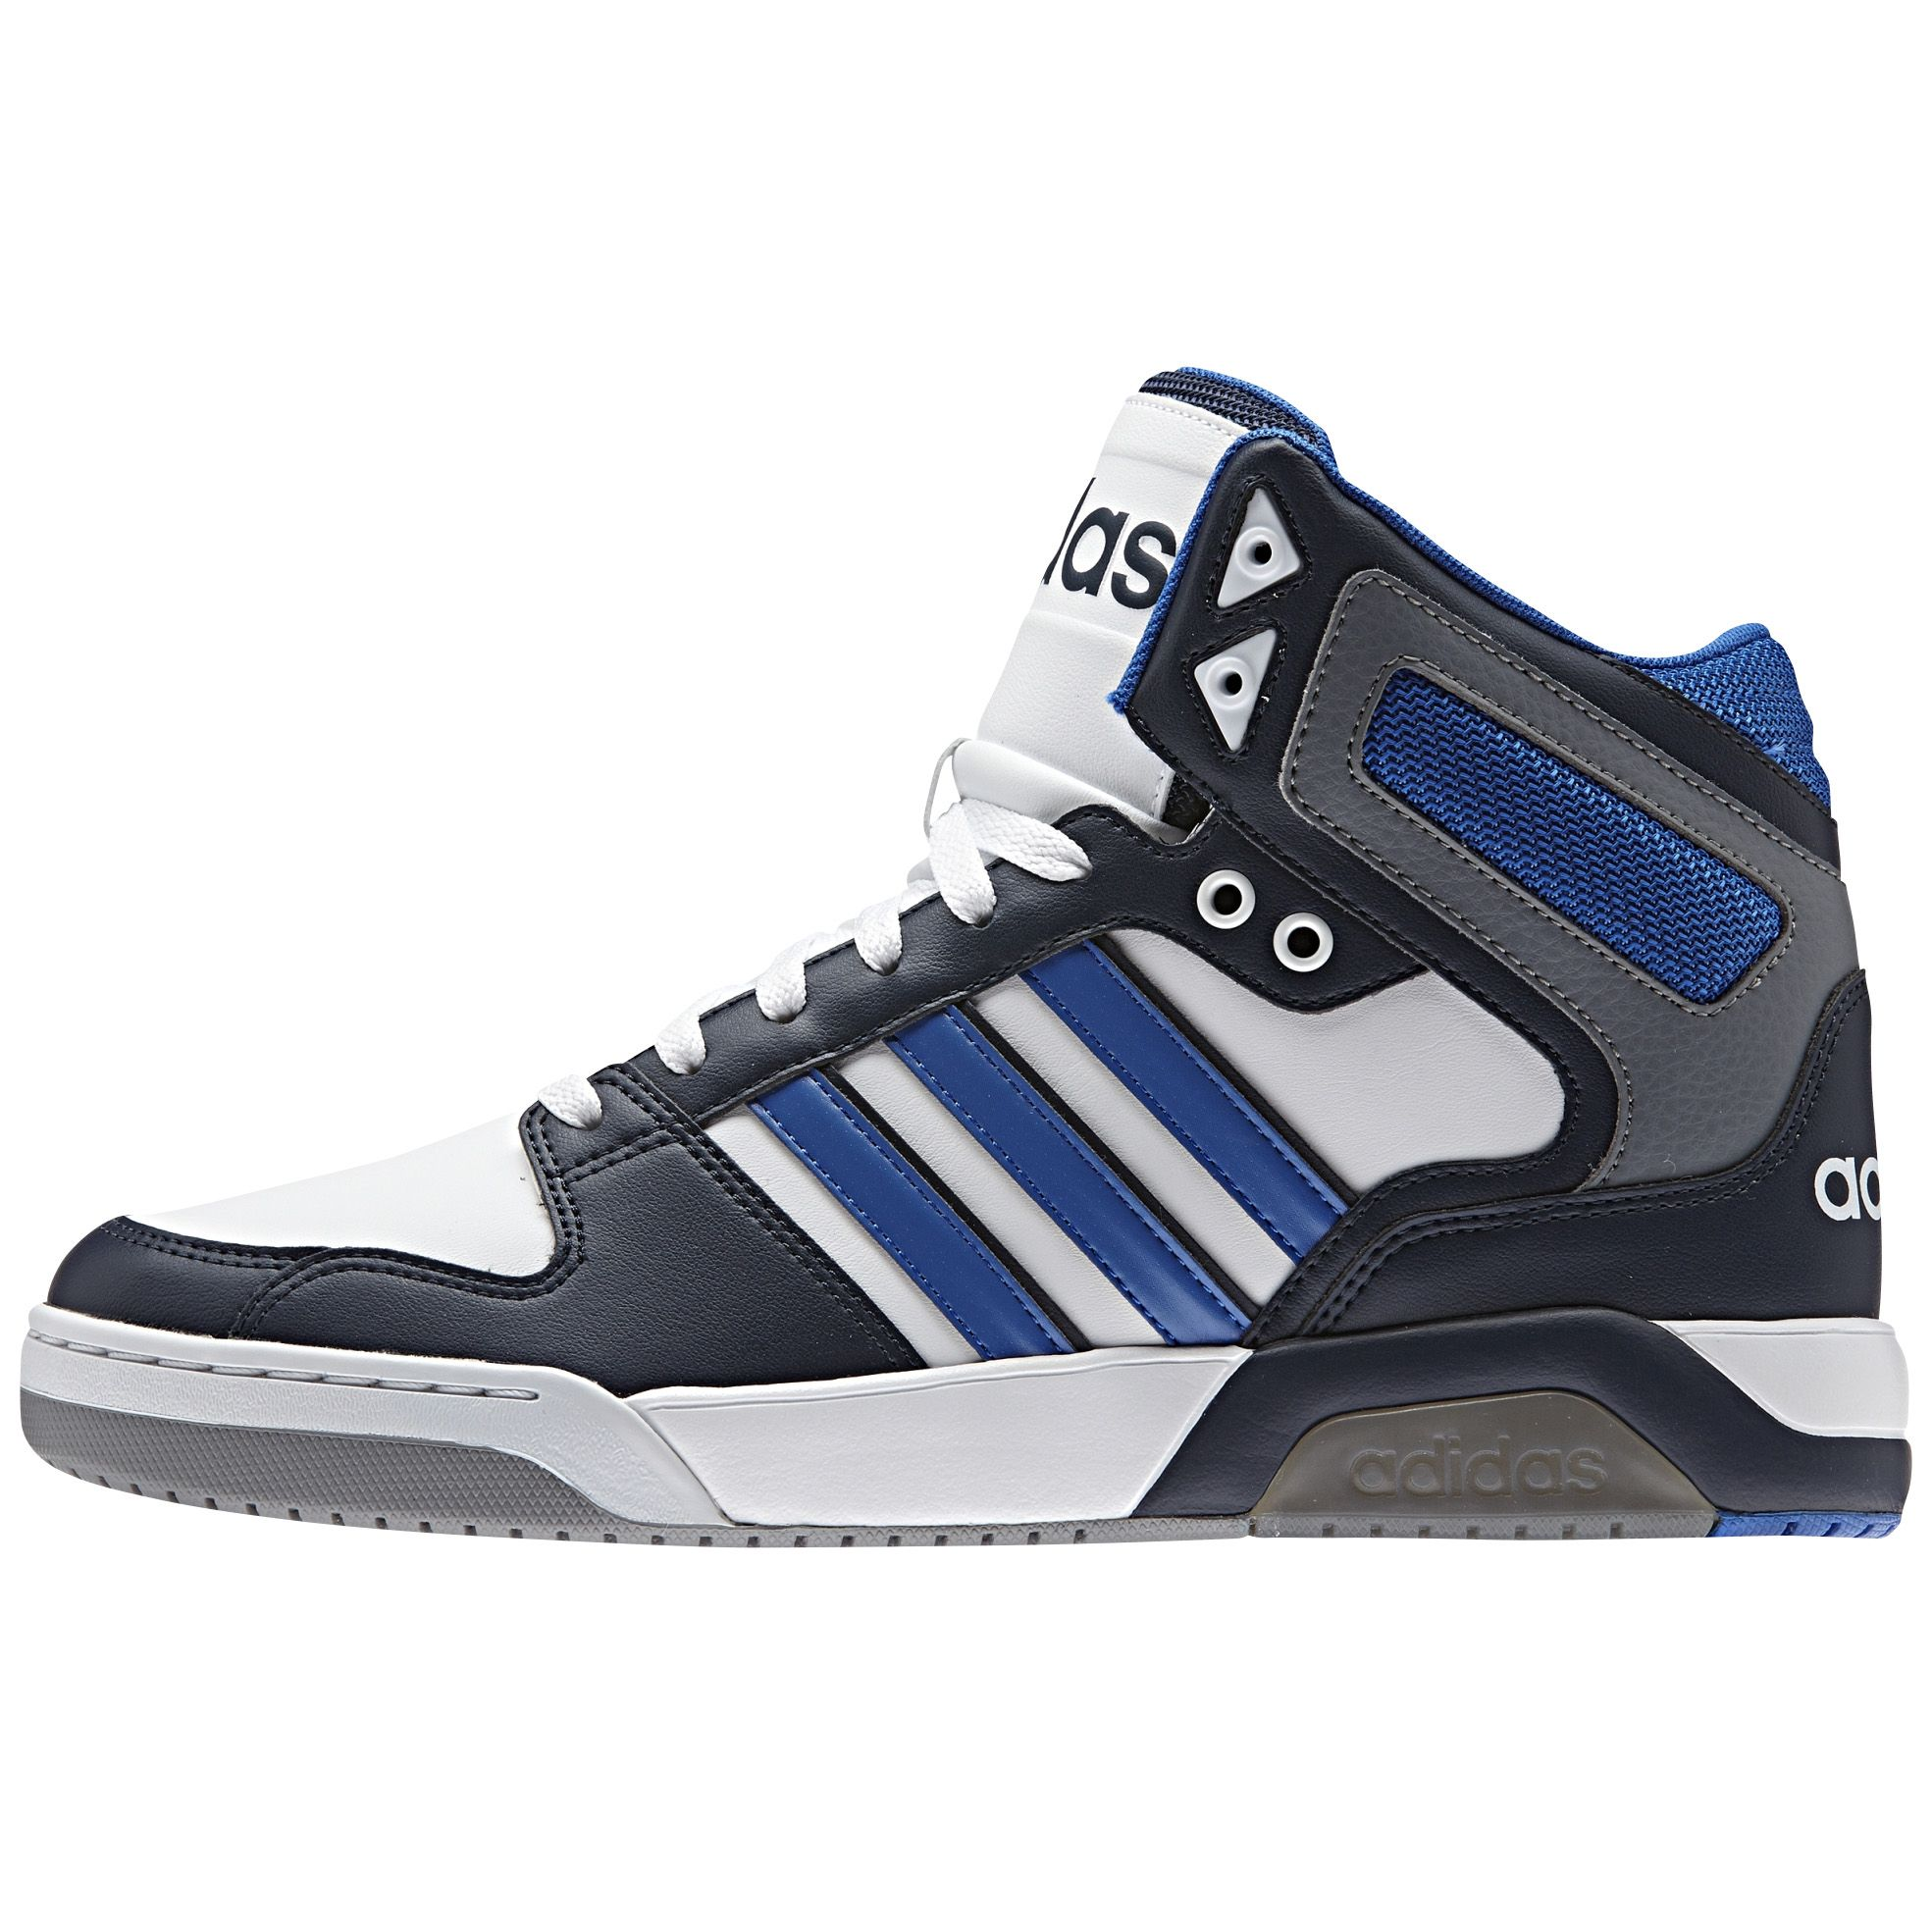 adidas Neo Men's BB9TIS Basketball Shoe